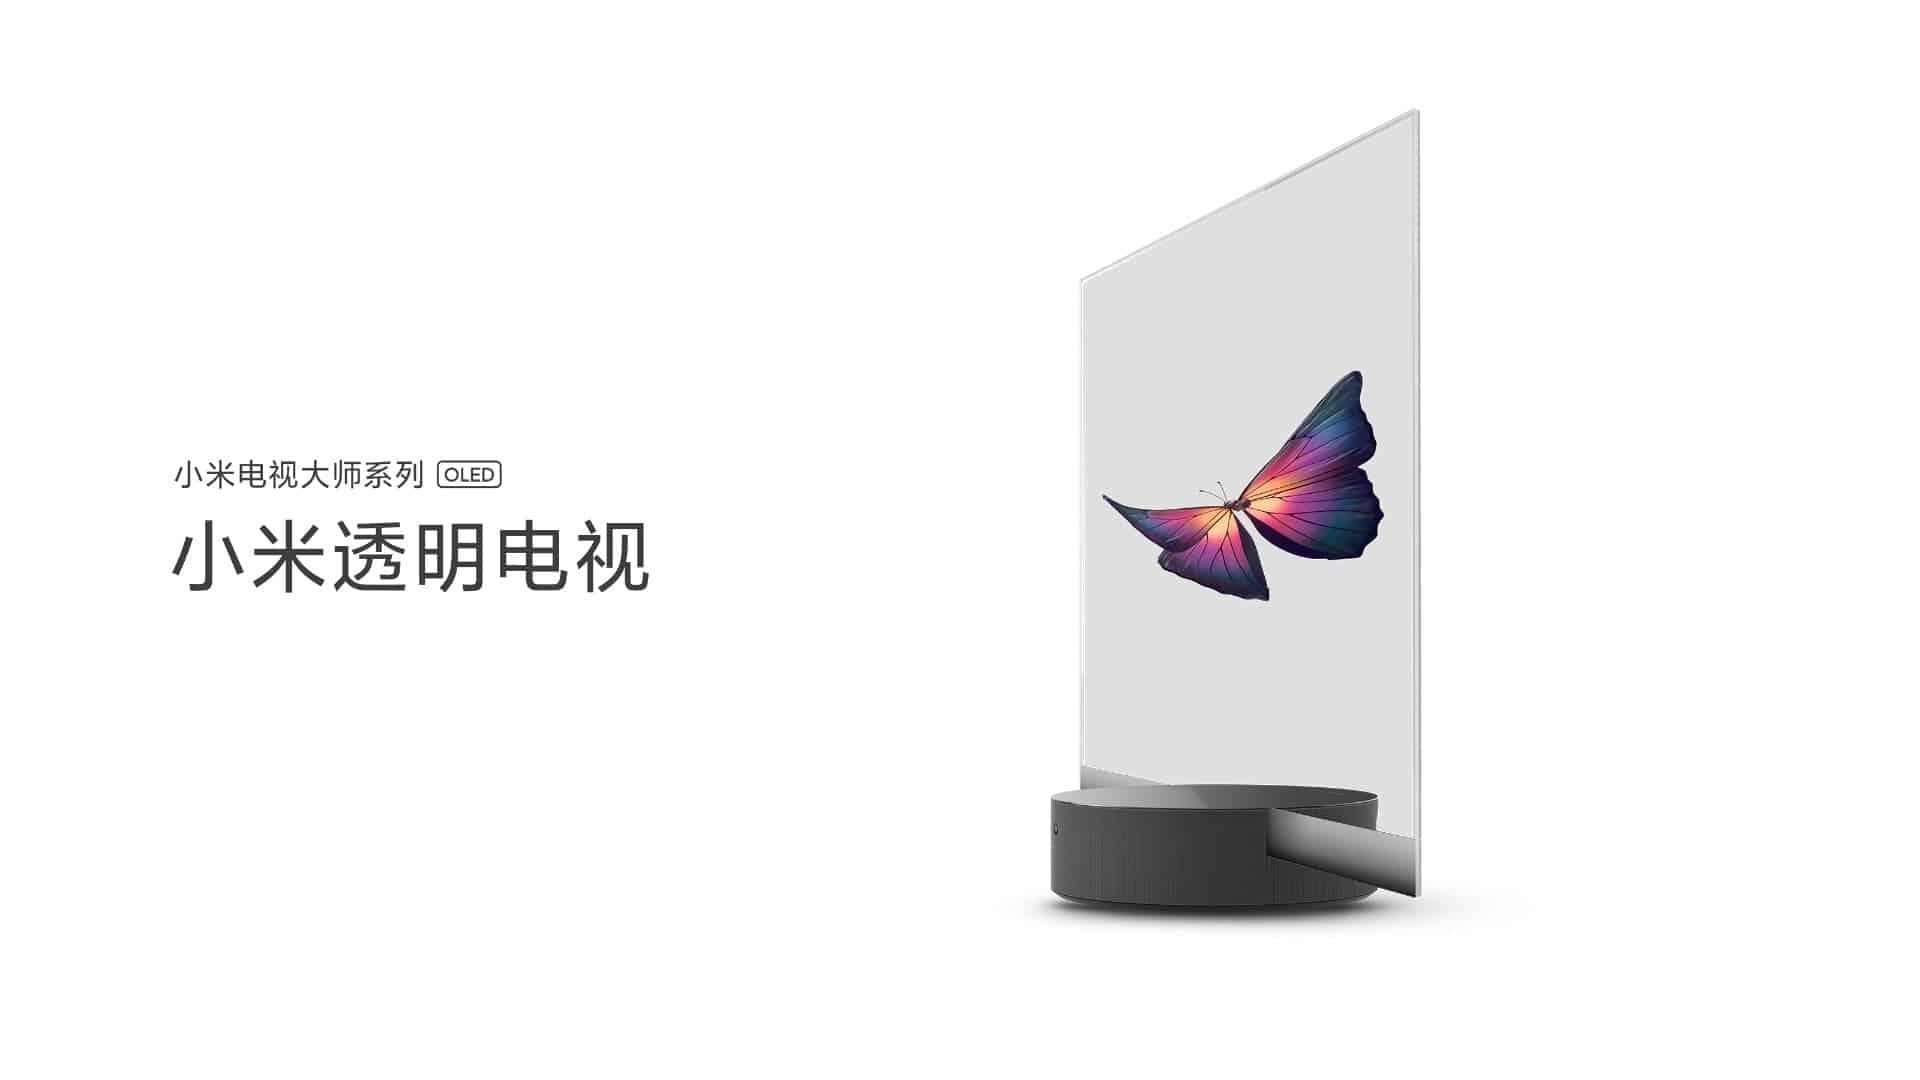 02 Mi TV LUX OLED Transparent Edition 020